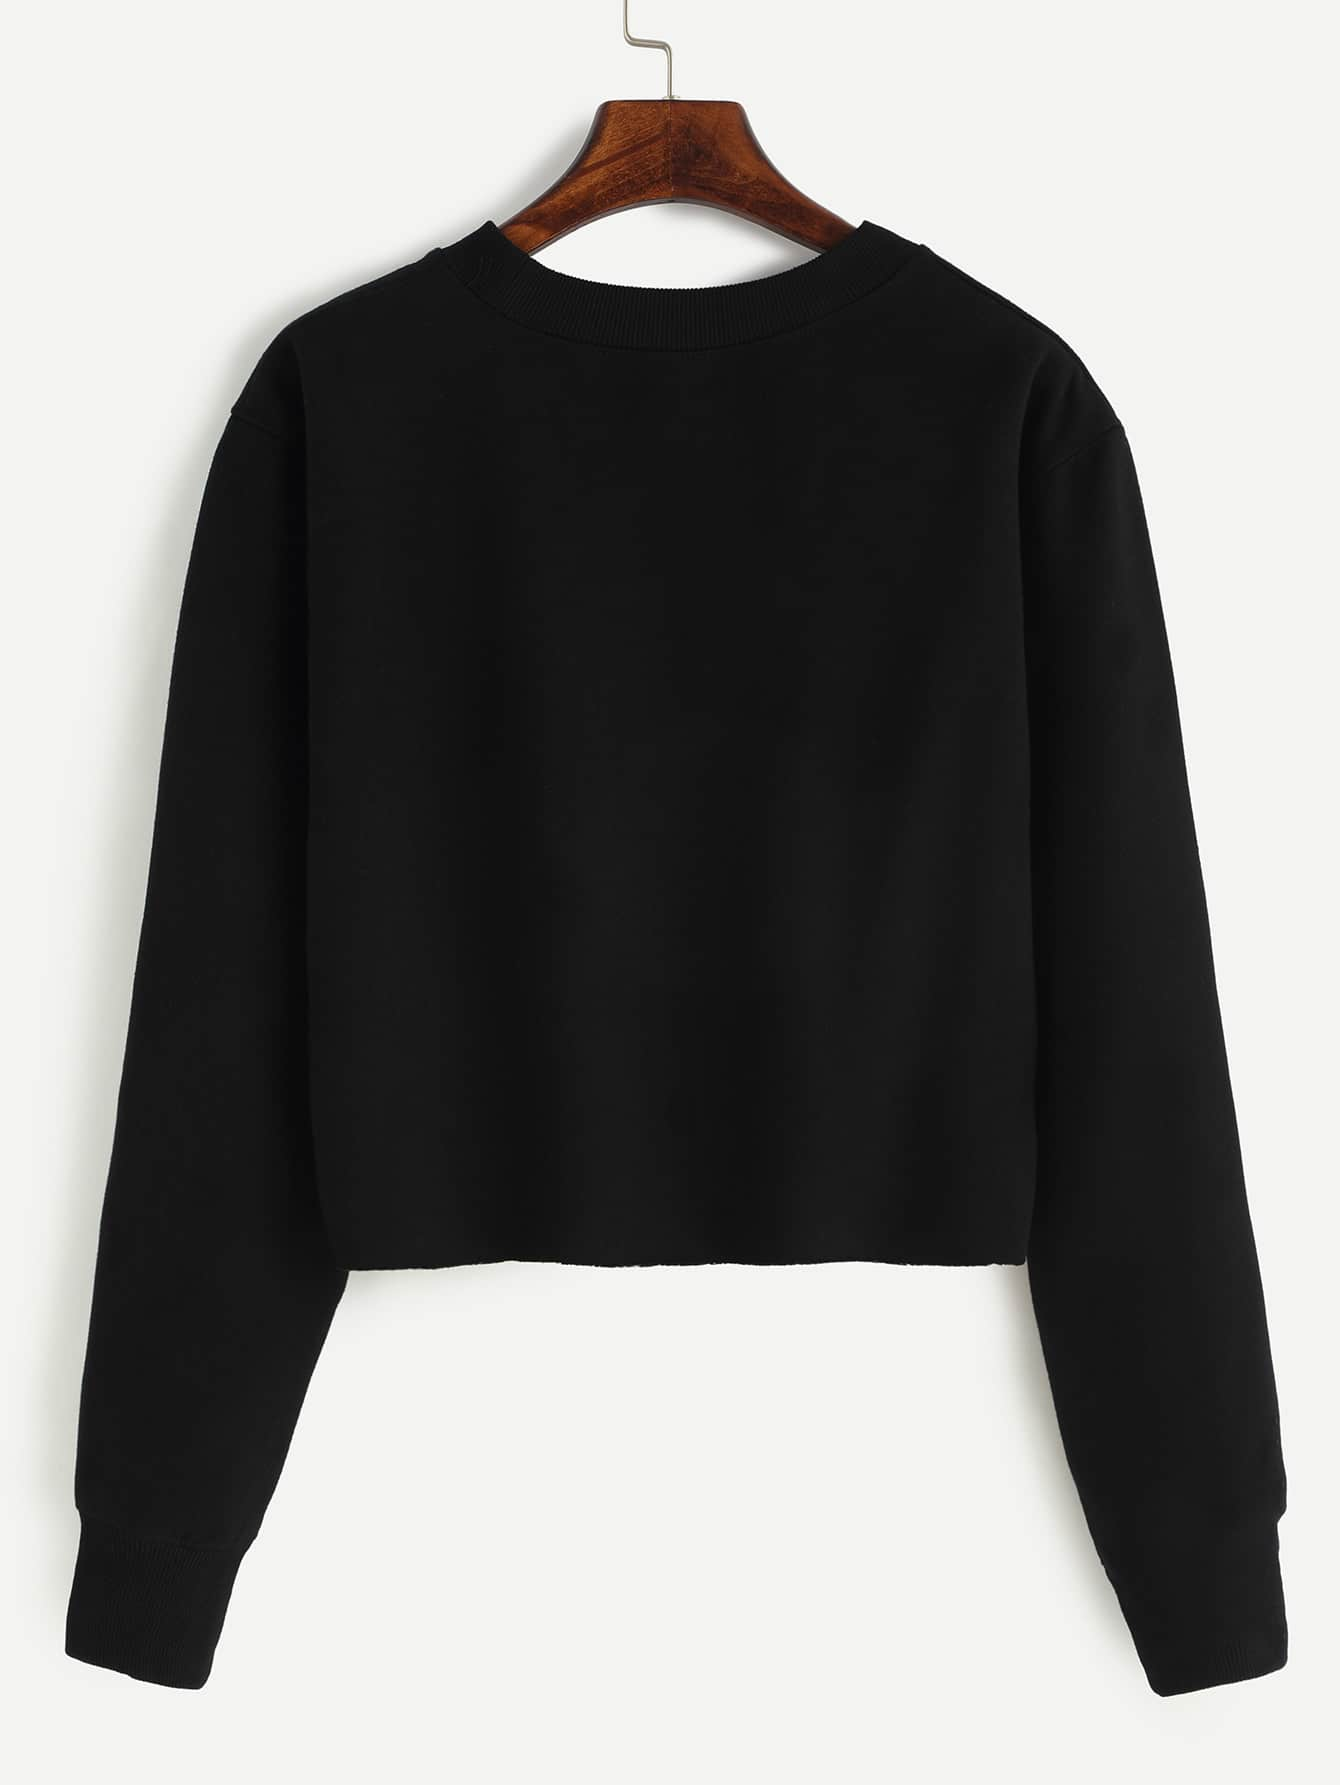 sweatshirt160818304_2